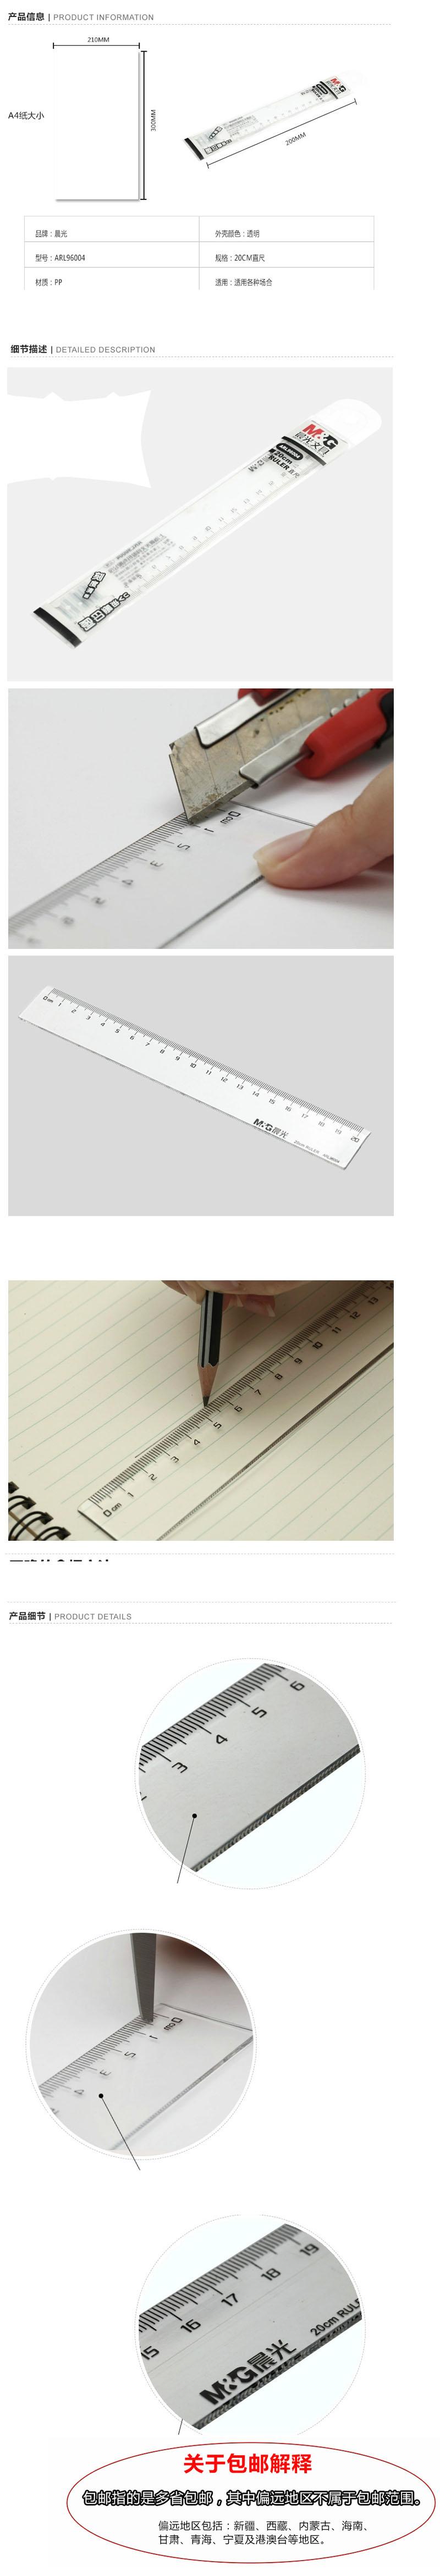 晨光(M&G) 晨光 ARL96004 直尺塑料尺 20cm 绘图制图工具 绘图文具学生尺 透明1把